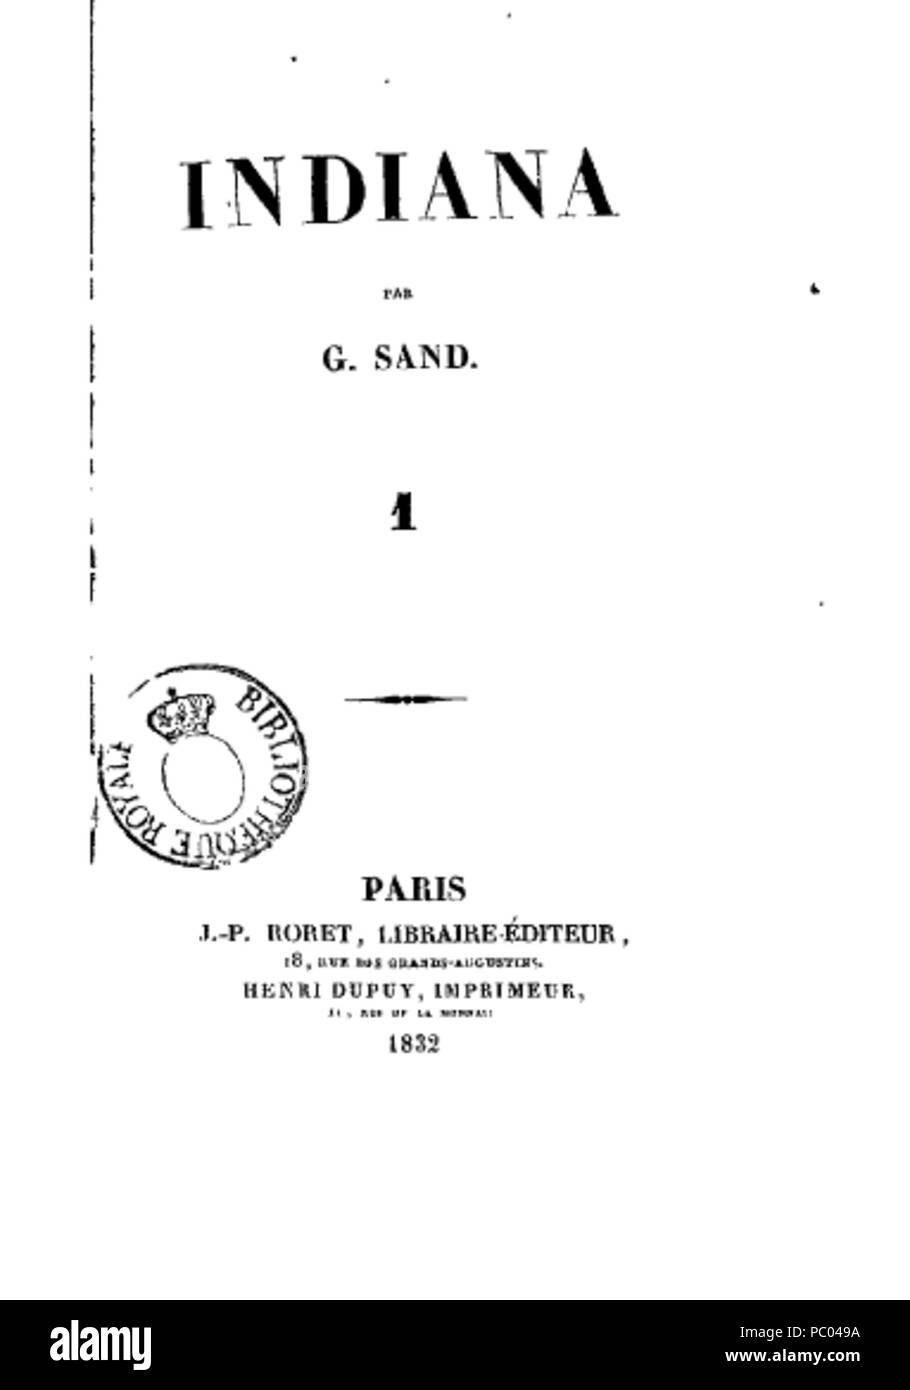 296 Indiana de George Sand, page de titre du tome 1 de la première édition (1832) - Stock Image